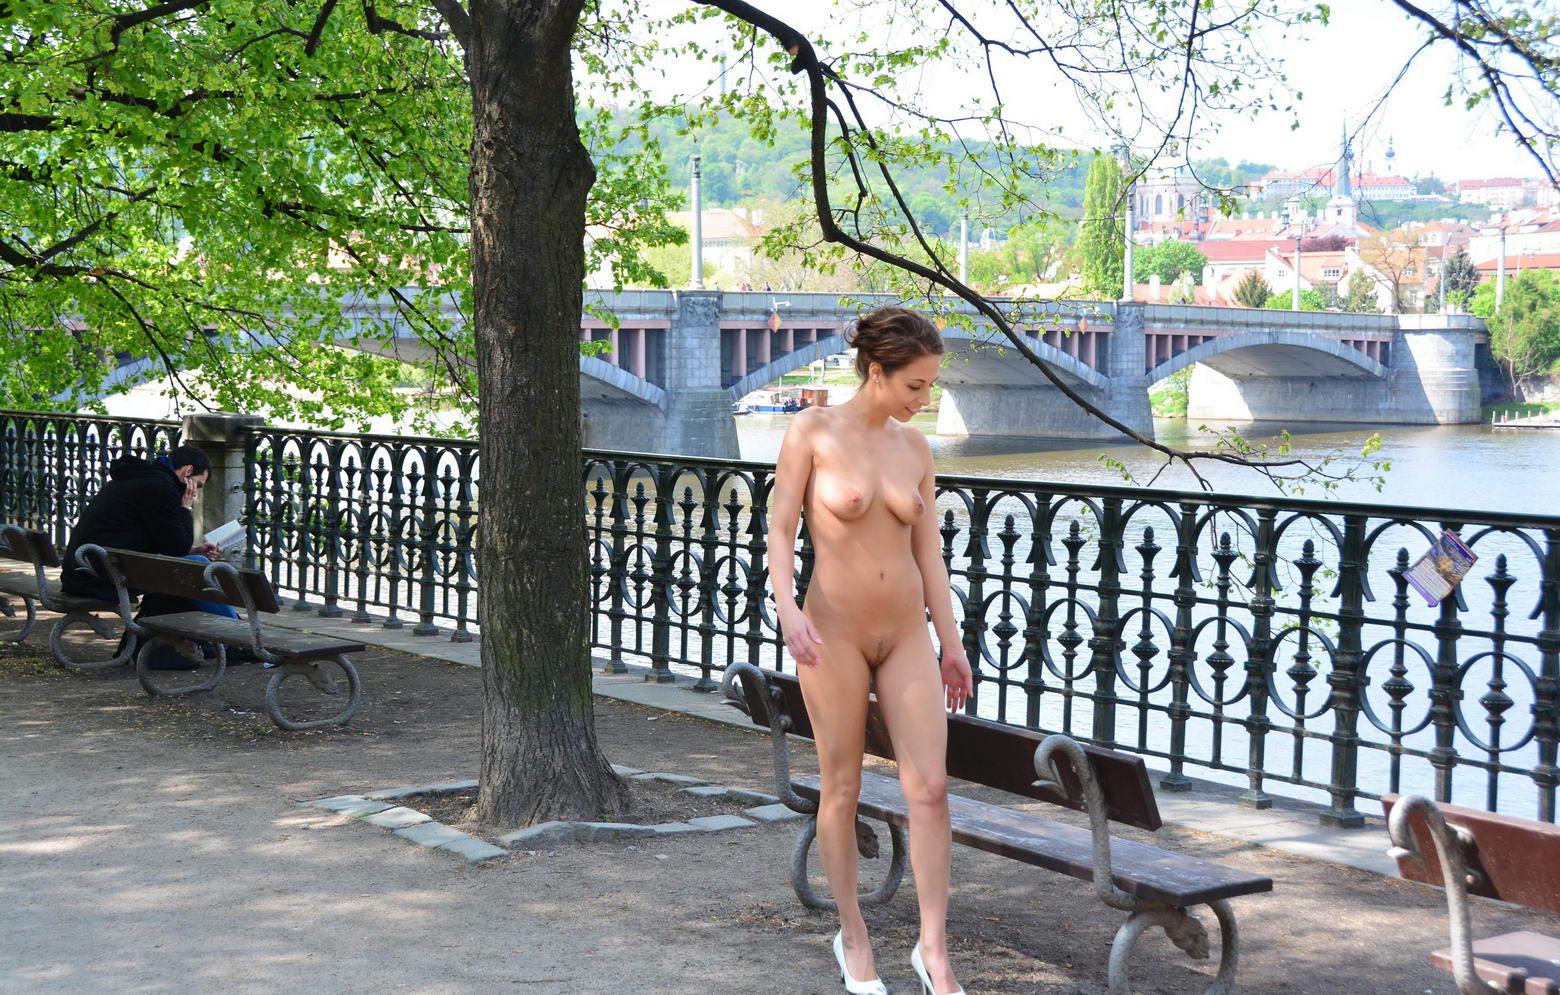 Можно мусолить голая гуляет фото полезное